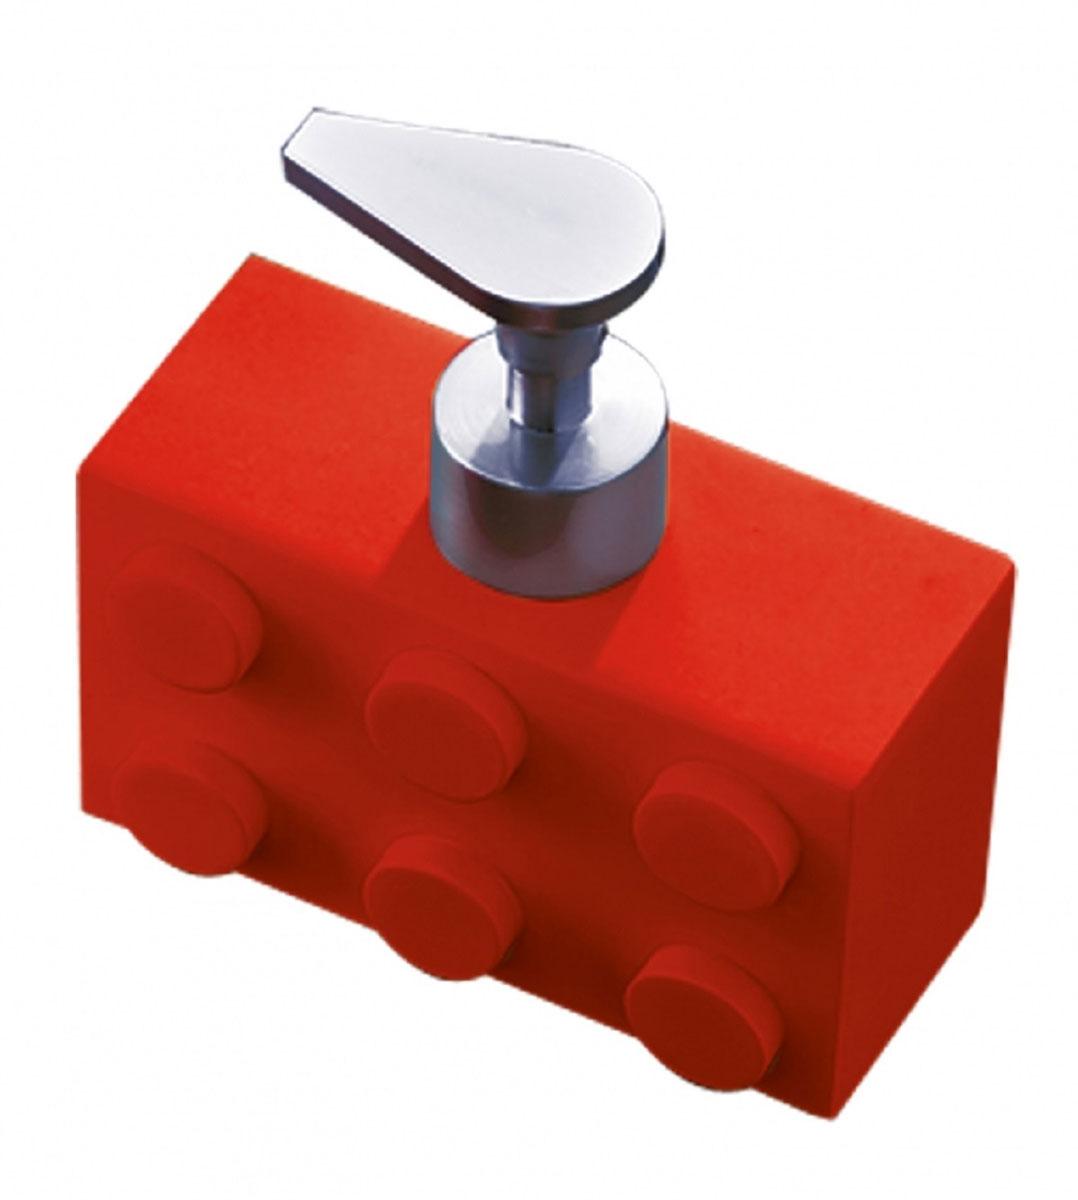 Дозатор для жидкого мыла Ridder Bob, цвет: красный, 280 мл22210506Дозатор для жидкого мыла Ridder Bob, изготовленный из экологичной полирезины, отлично подойдет для вашей ванной комнаты. Такой аксессуар очень удобен в использовании, достаточно лишь перелить жидкое мыло в дозатор, а когда необходимо использование мыла, легким нажатием выдавить нужное количество. Дозатор для жидкого мыла Ridder Bob создаст особую атмосферу уюта и максимального комфорта в ванной. Объем дозатора: 280 мл.